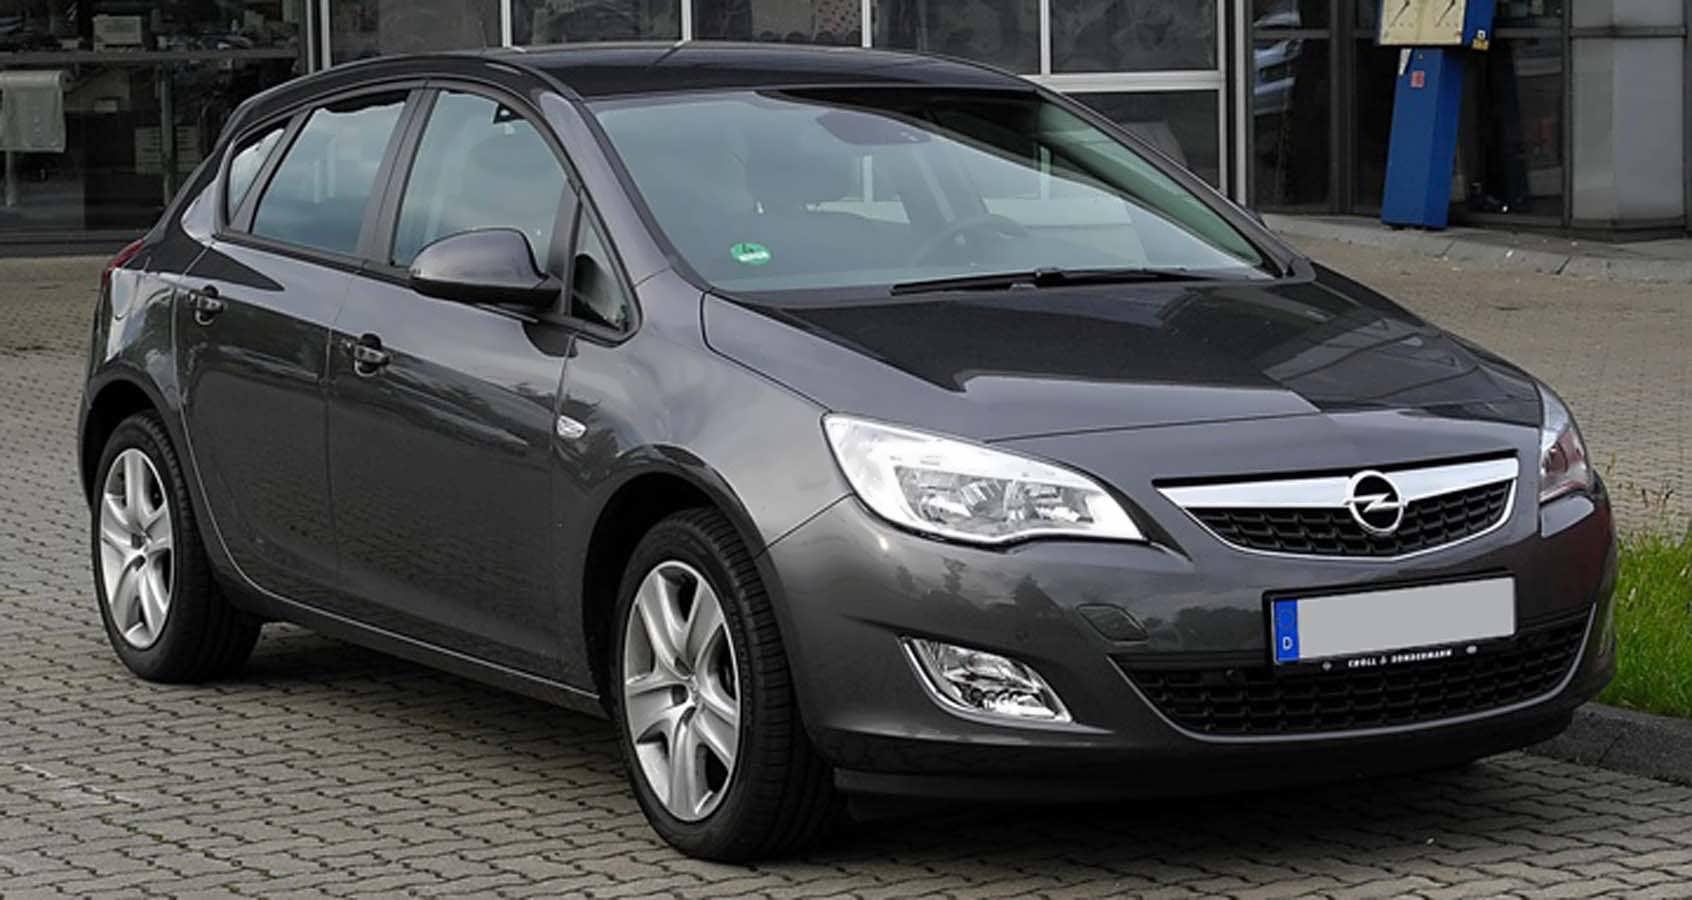 Opel'den Dizel Araçları Geri Çağır İsteği